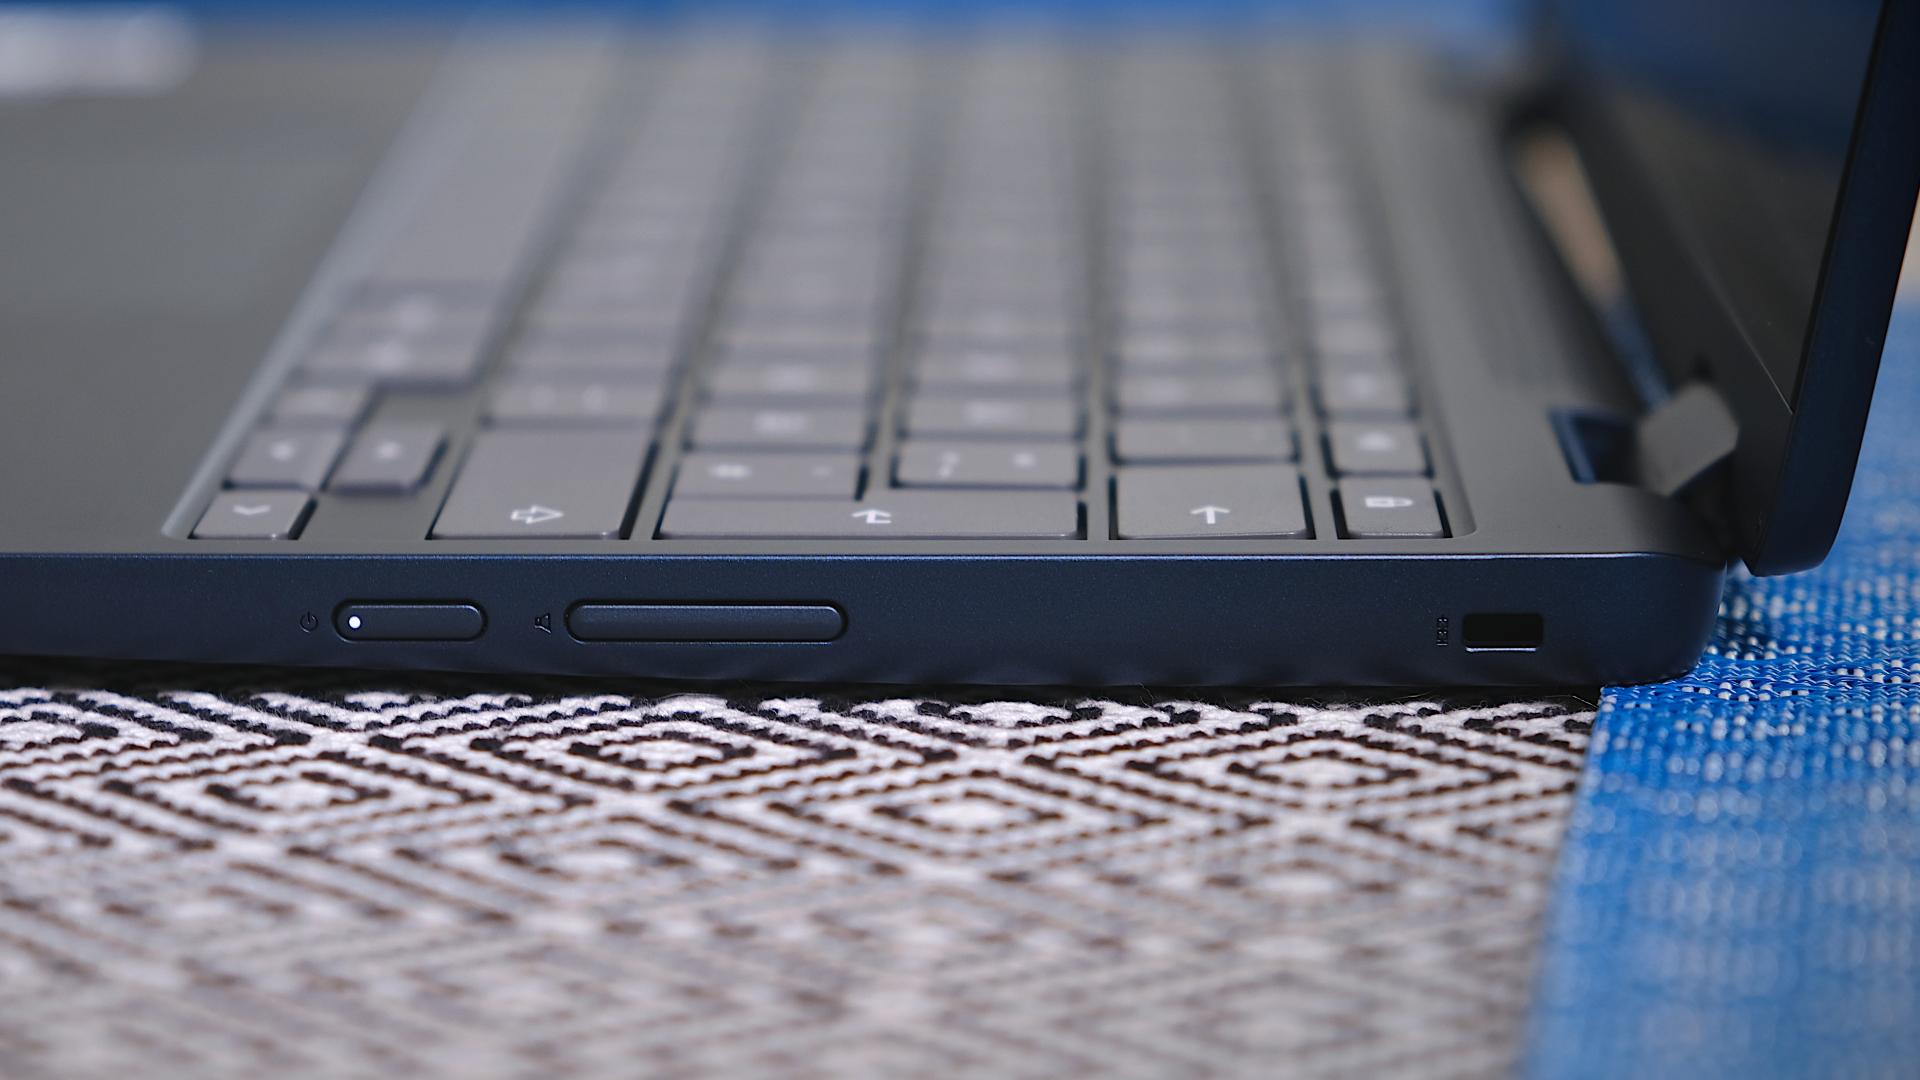 Flex 3 Chromebook volume buttons